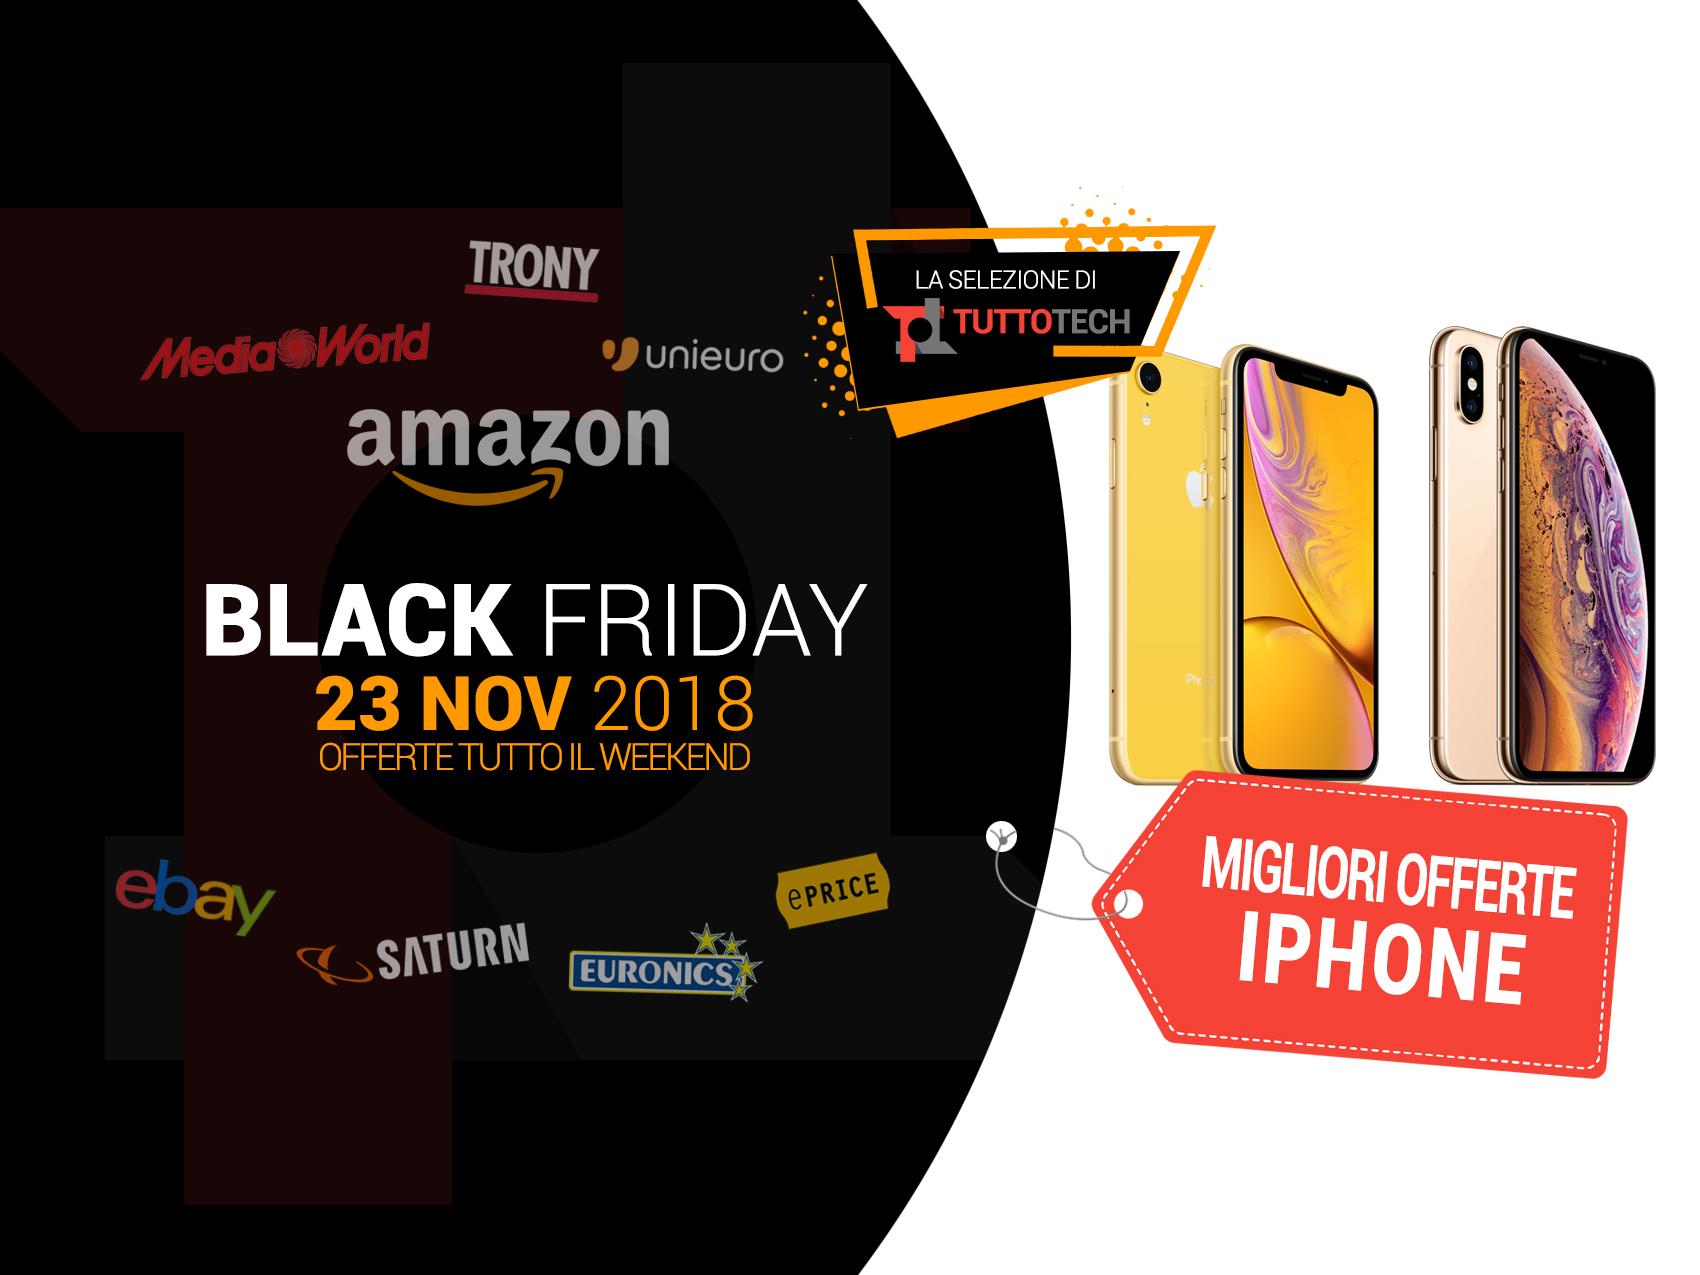 iPhone Black Friday: le migliori offerte in tempo reale